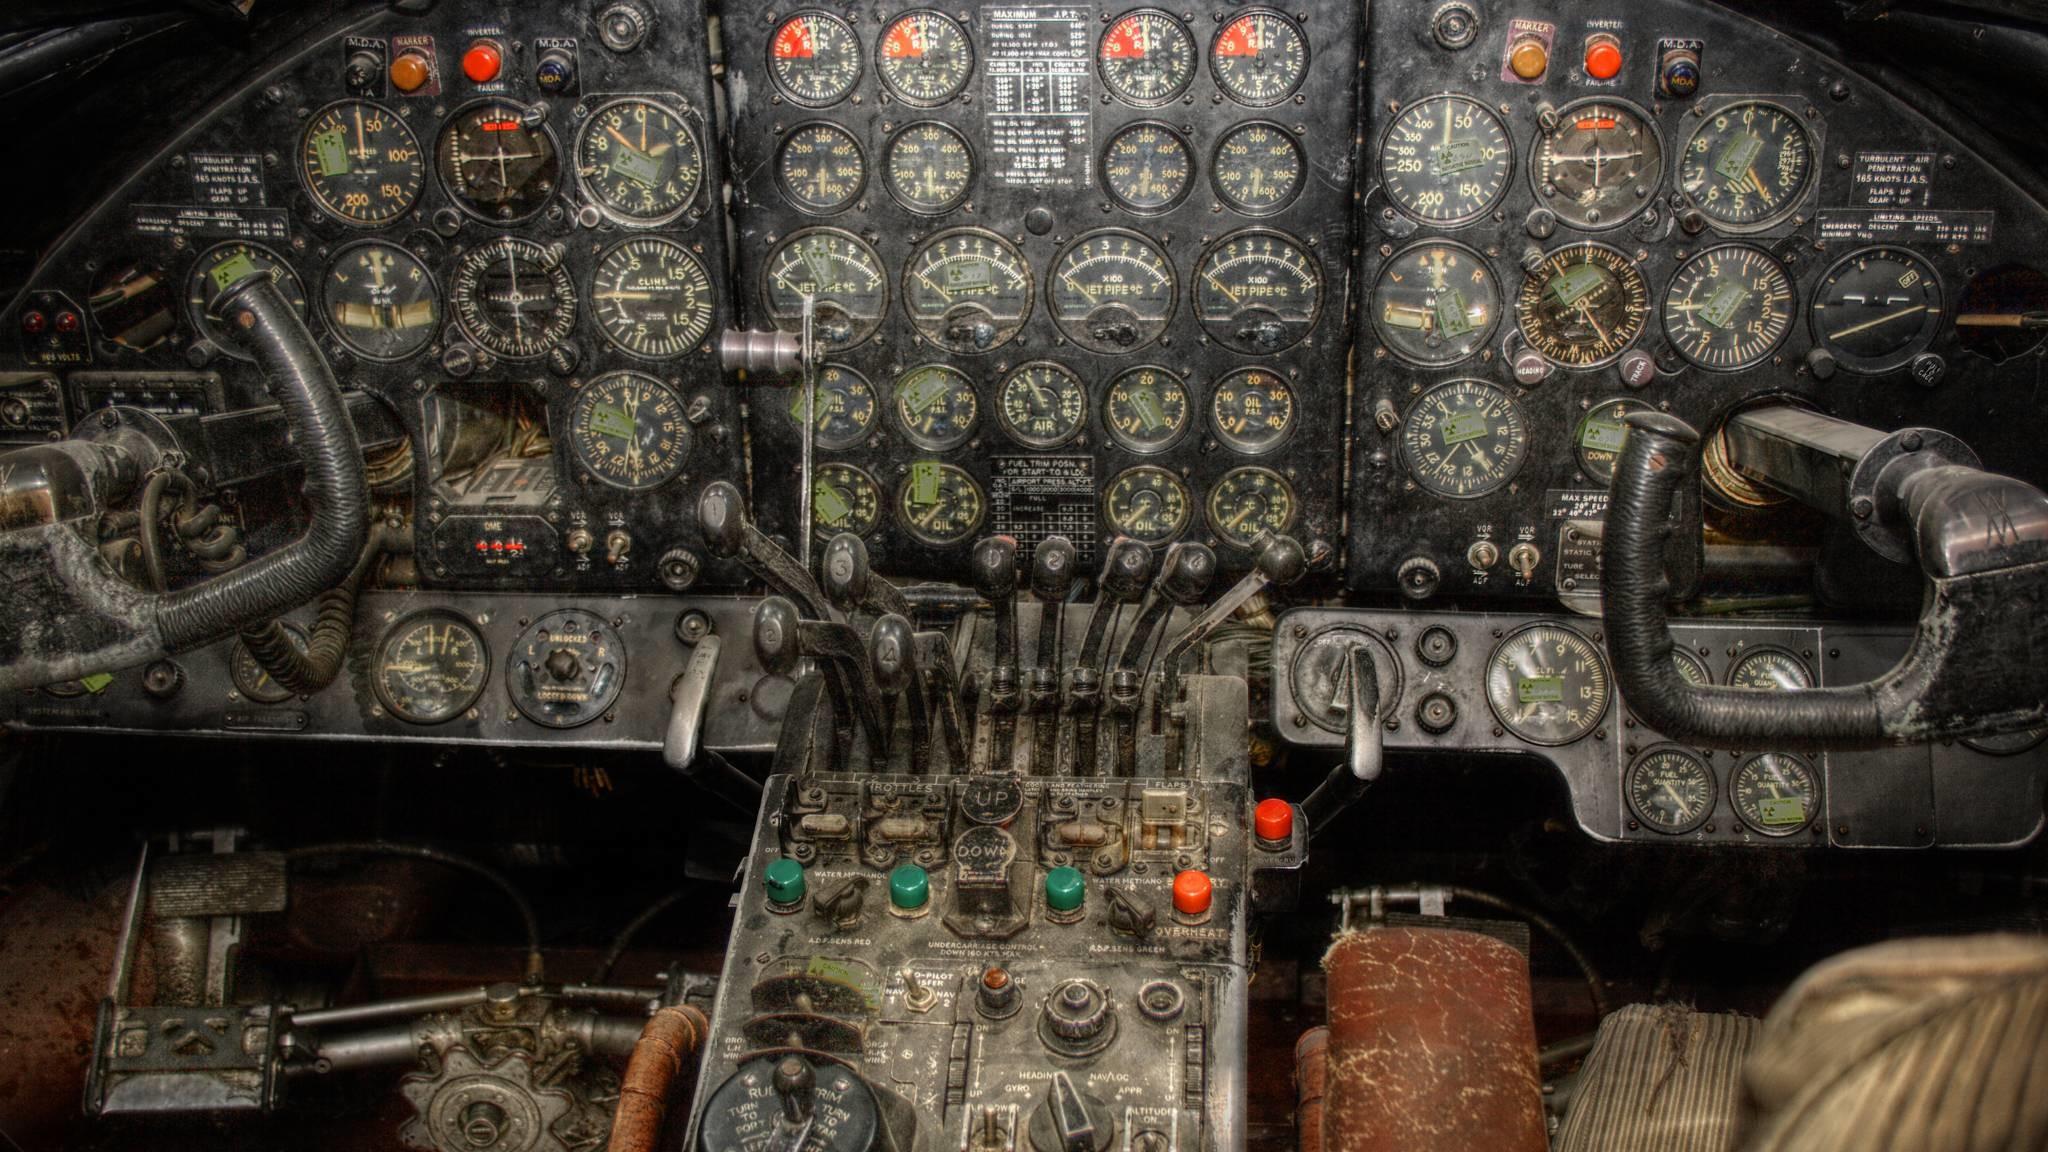 Fonds d'écran Cockpit : tous les wallpapers Cockpit